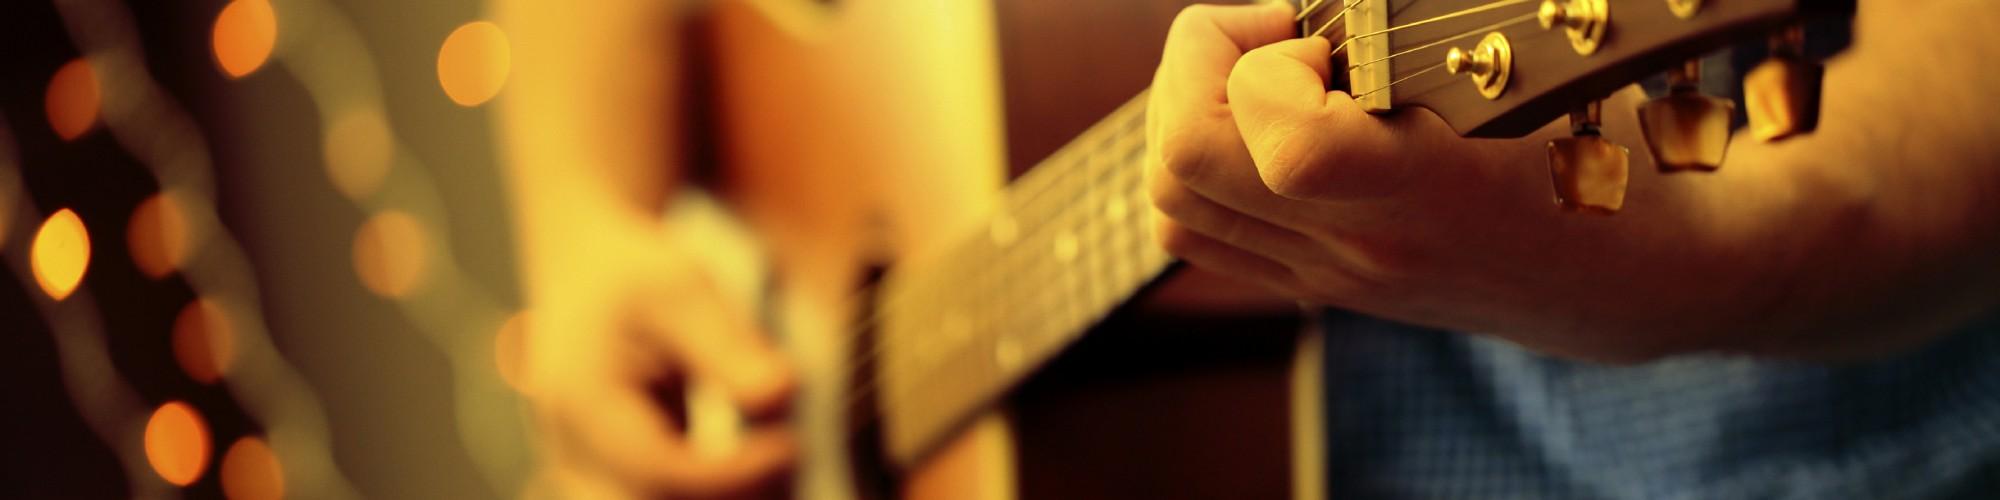 Homme jouant de la guitare, événement, soirée